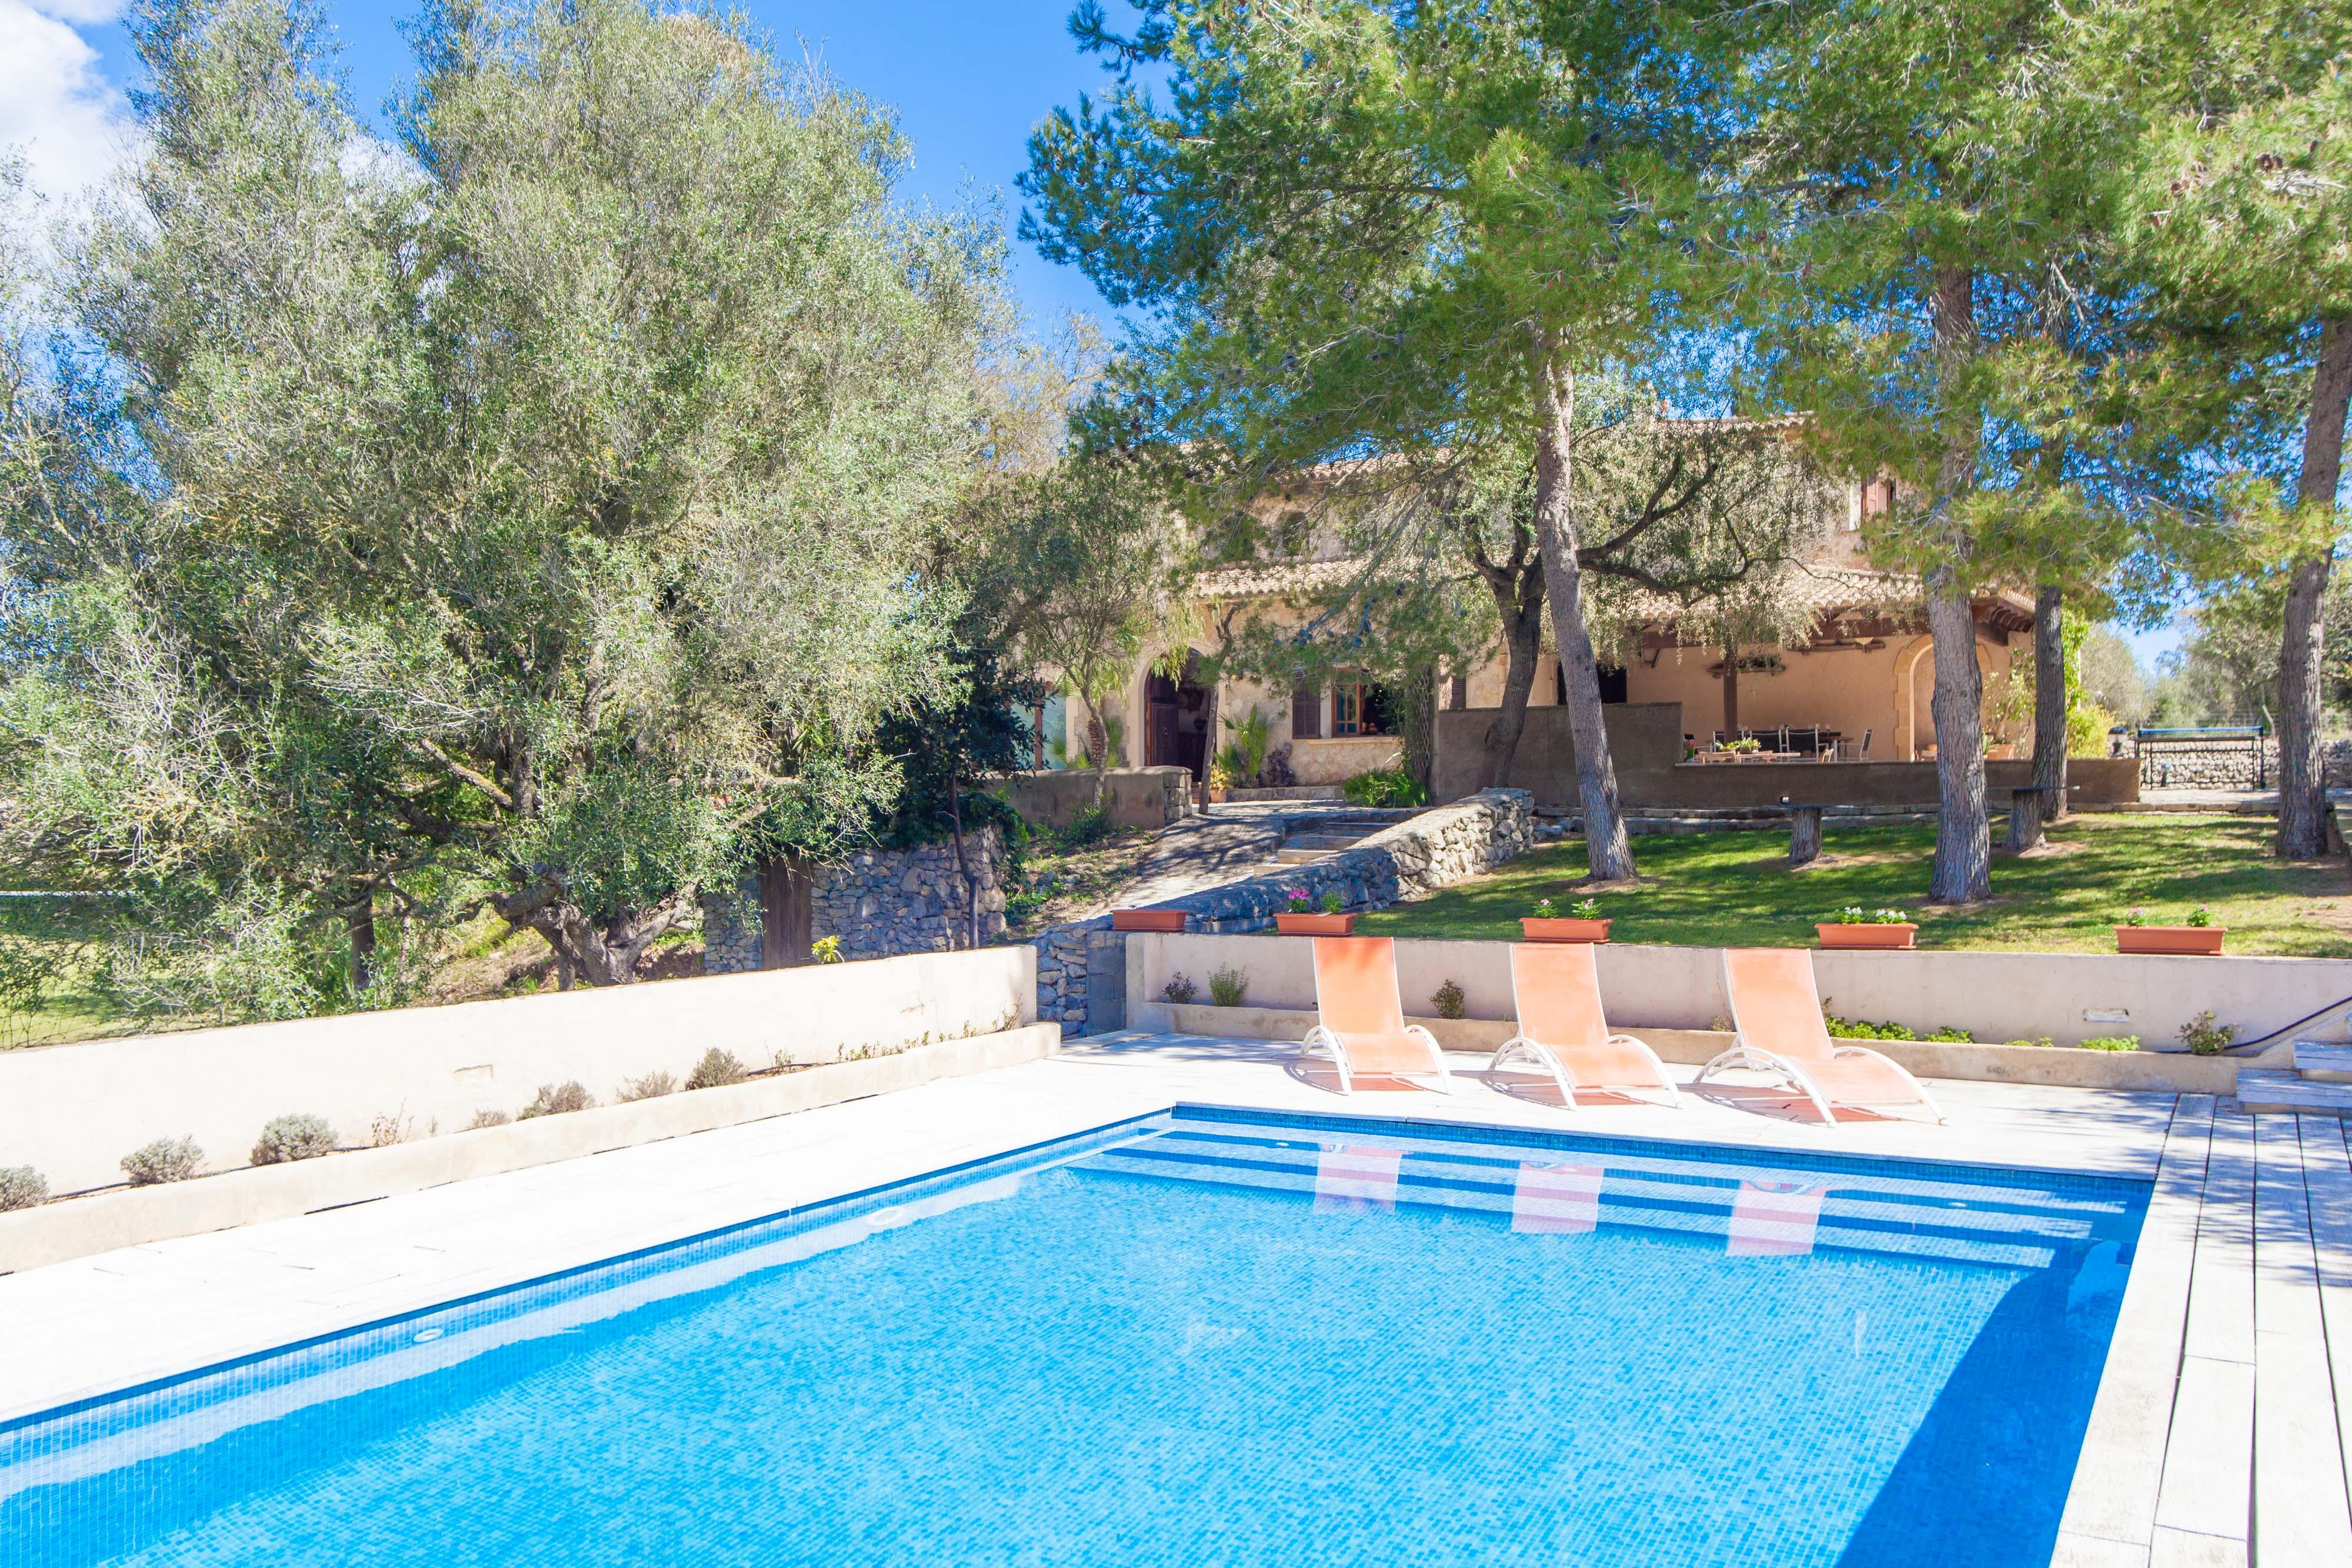 Ferienhaus SOS MONJOS (2177982), Arta, Mallorca, Balearische Inseln, Spanien, Bild 4